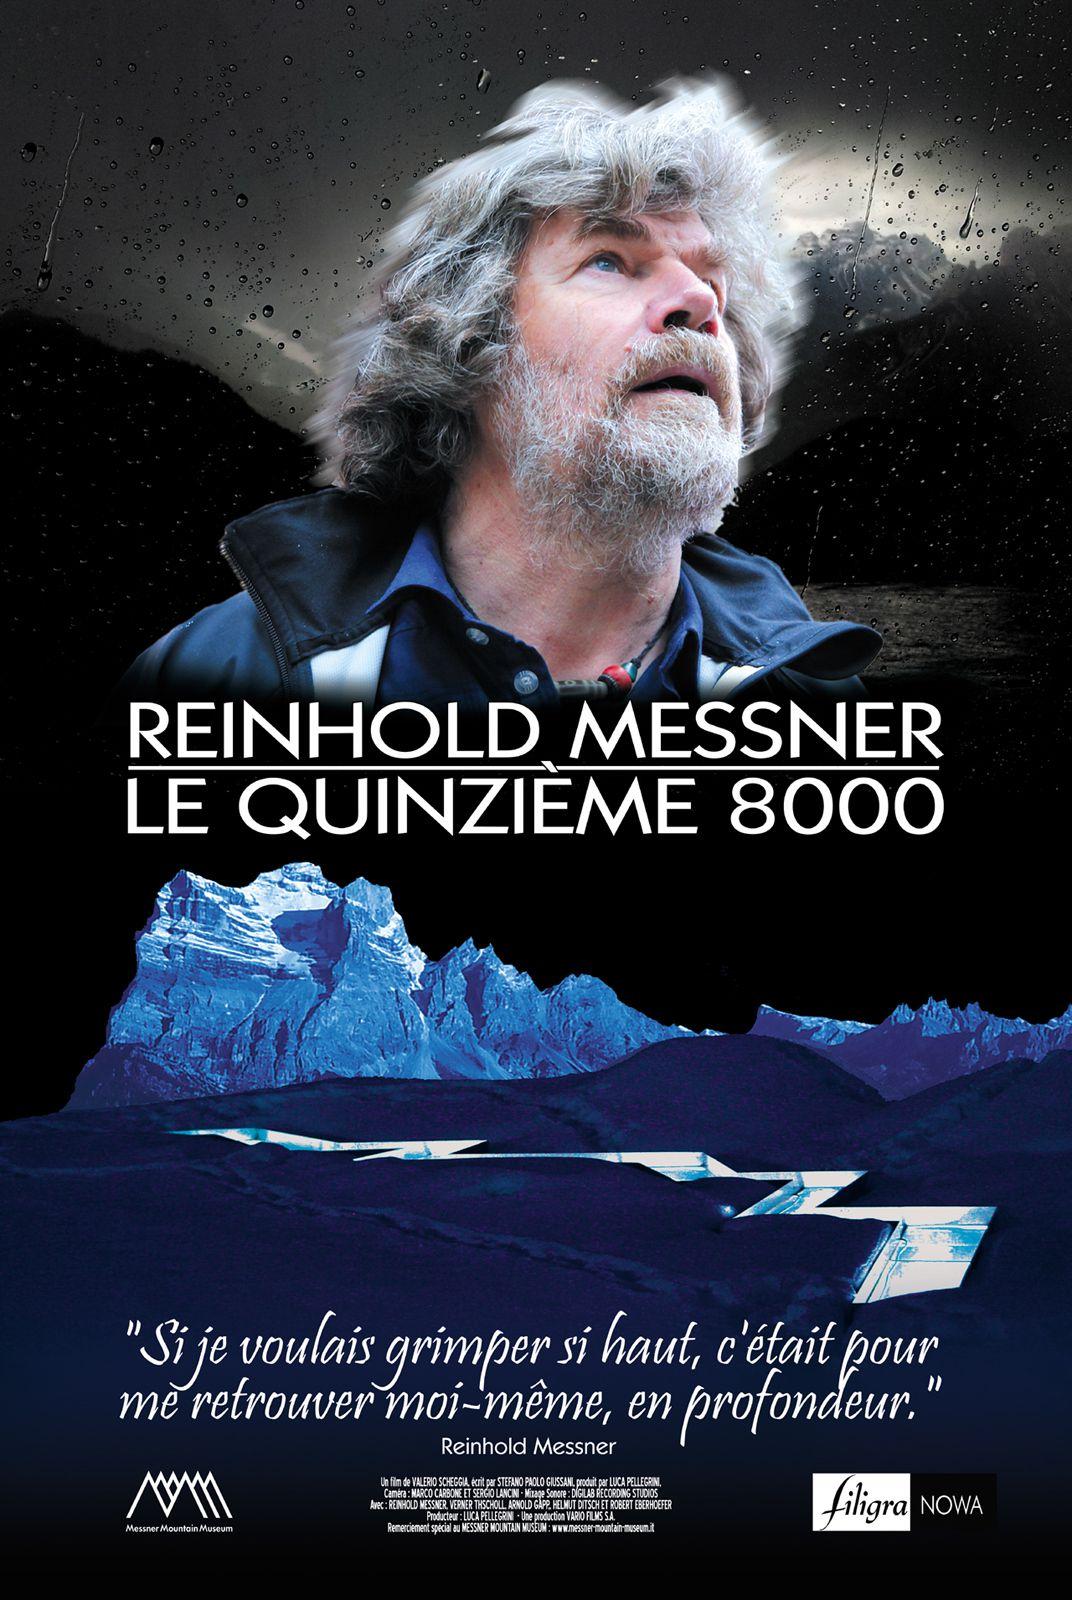 Reinhold Messner - Le Quinzième 8000 - Documentaire (2013)